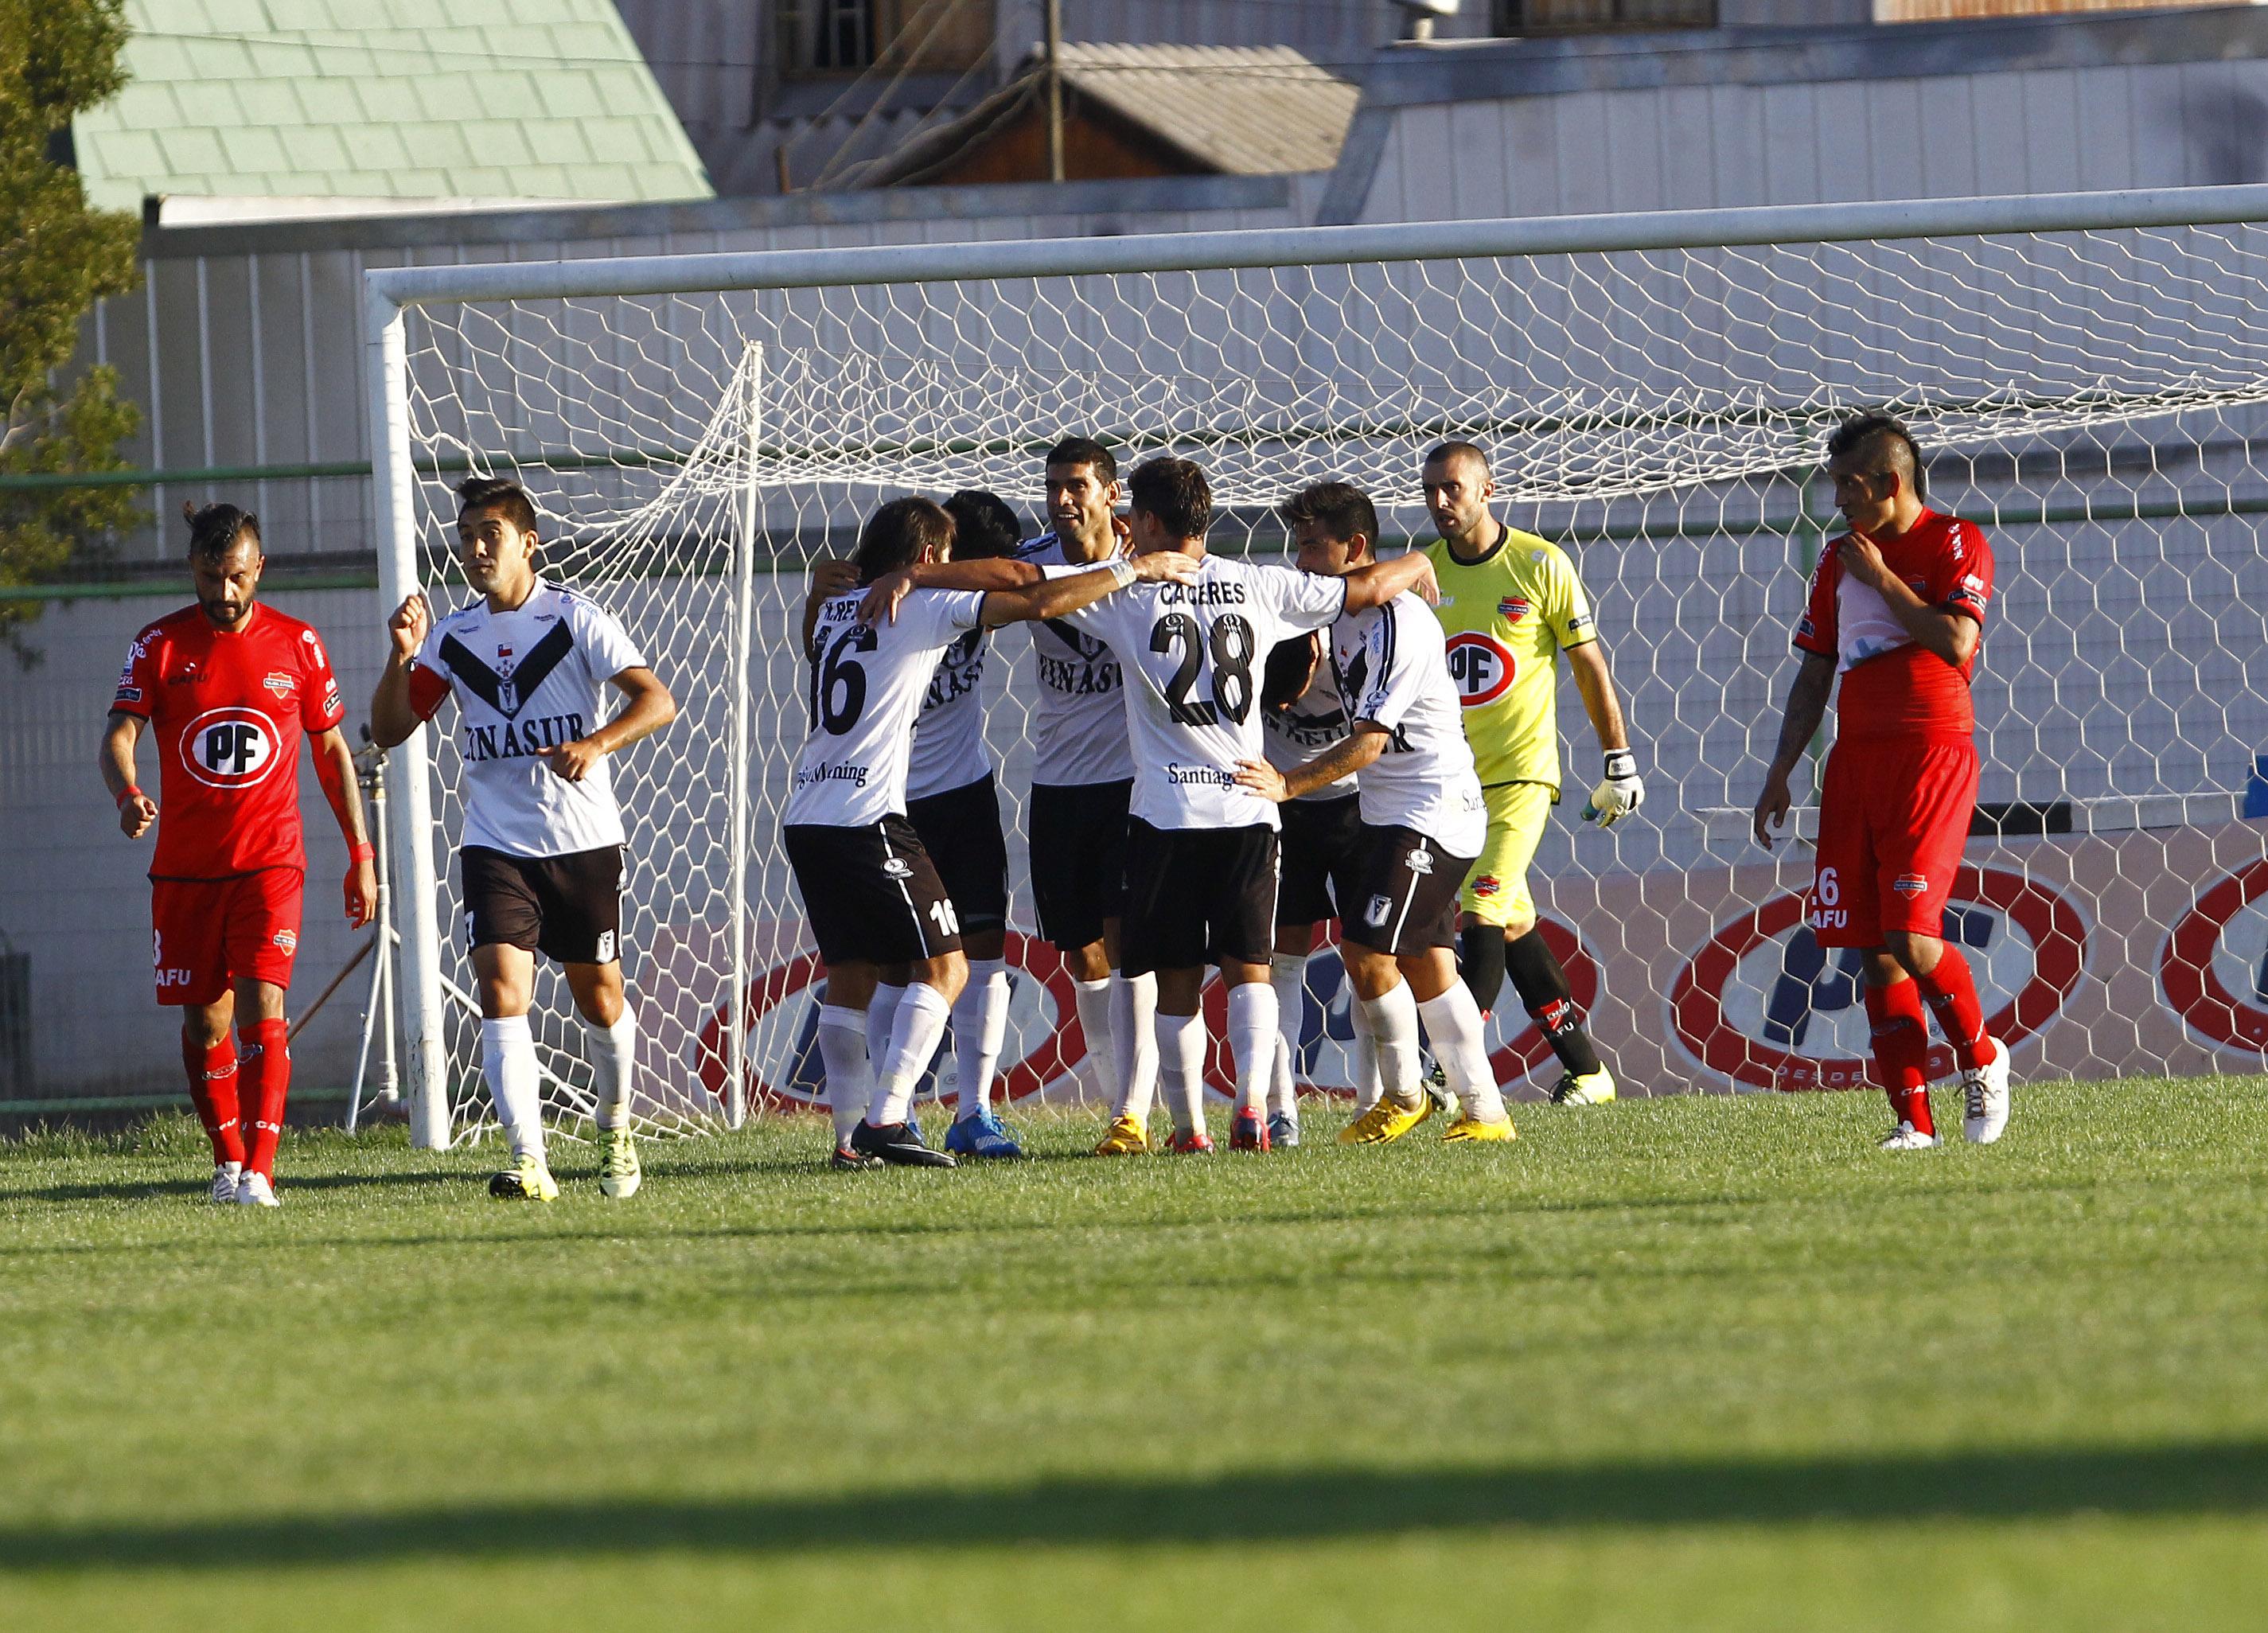 Santiago Morning vence a Ñublense y se aleja de la zona del descenso